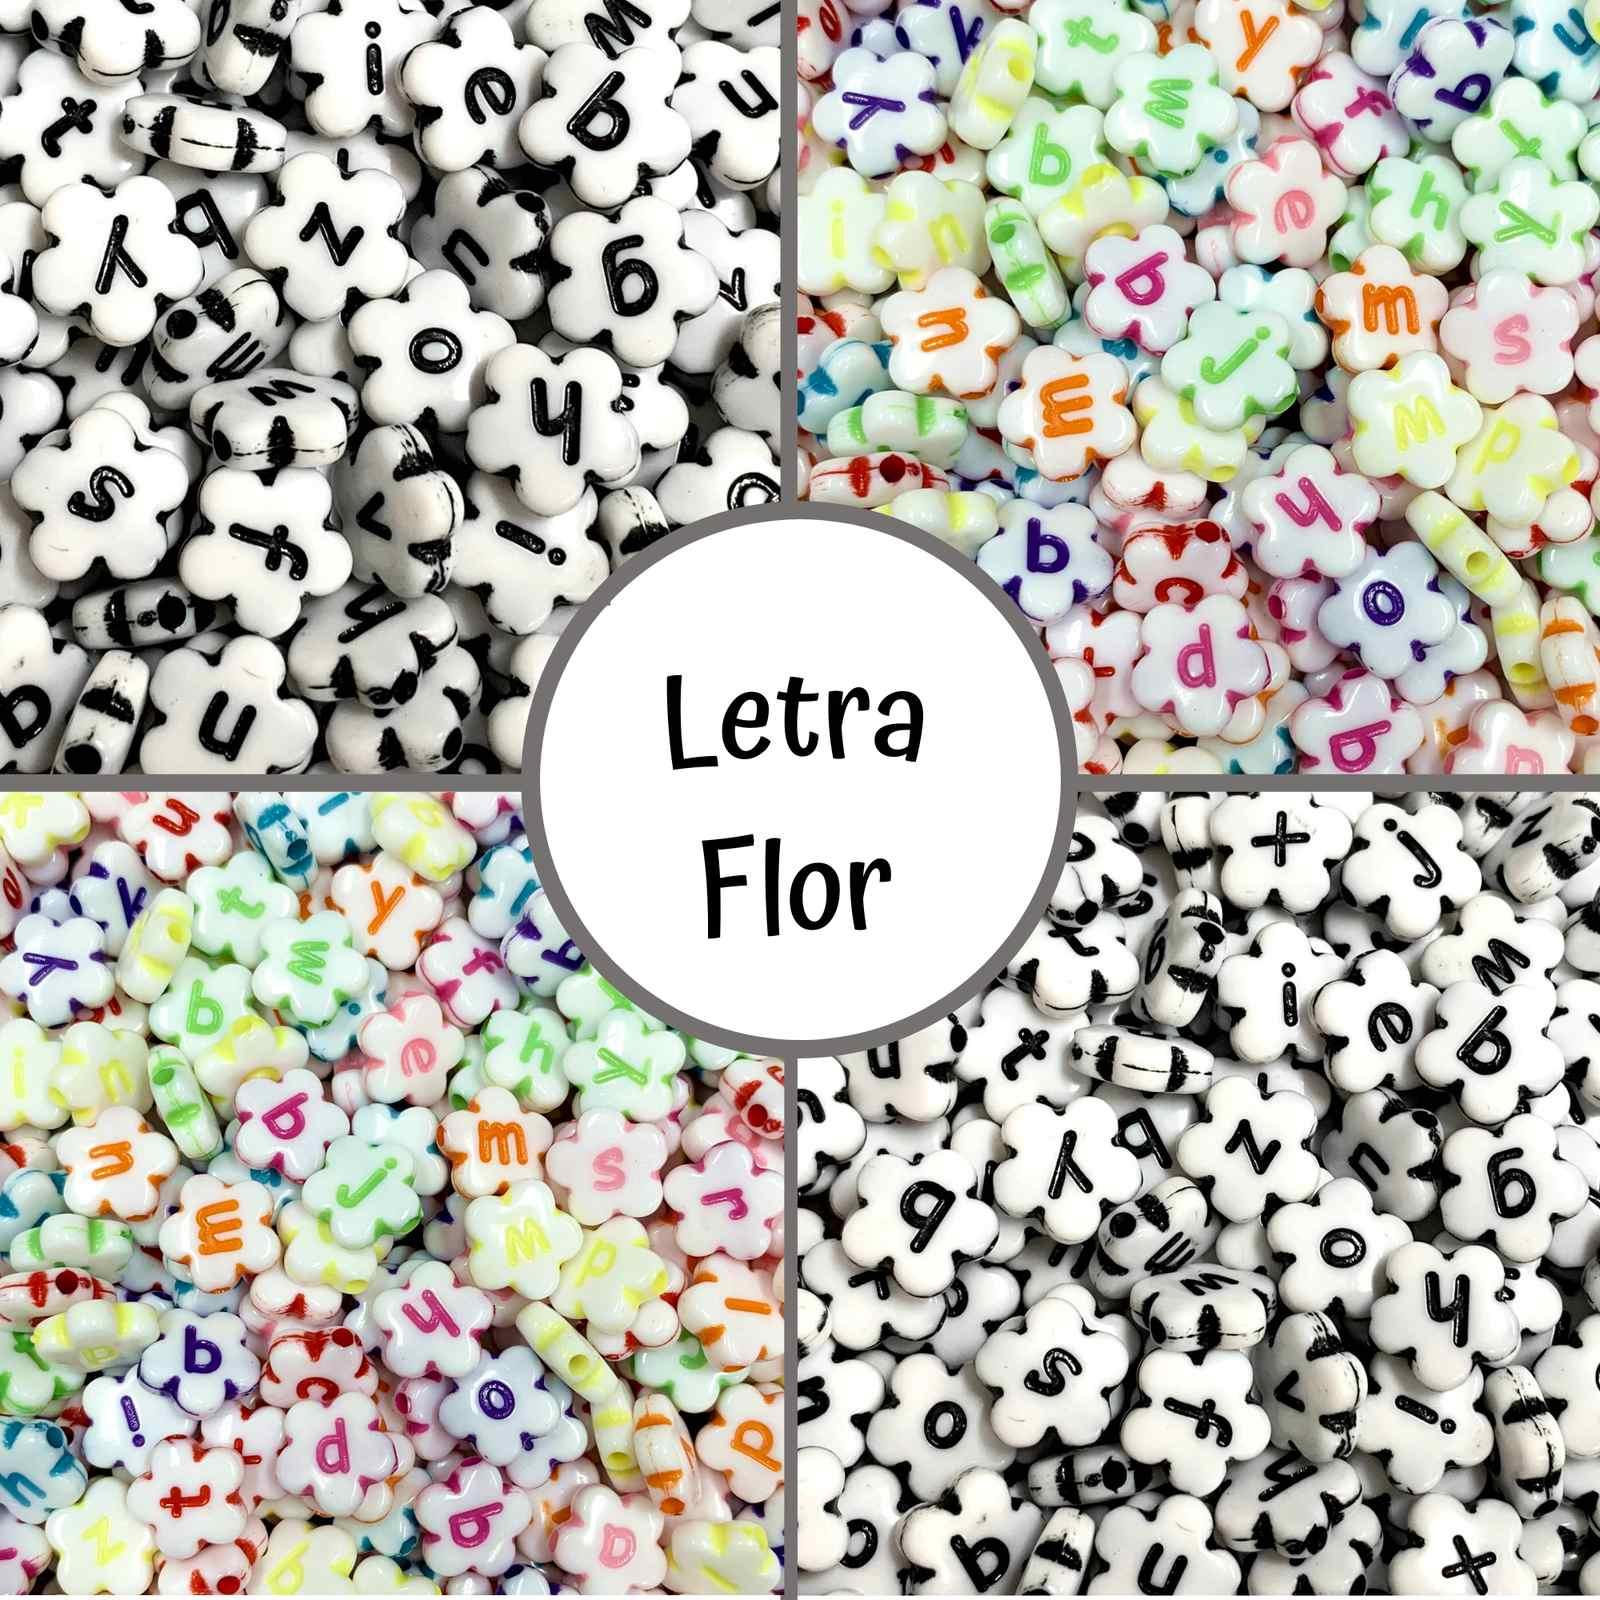 Florzinha Letrinha 10mm - Pacote c/ 60 unidades